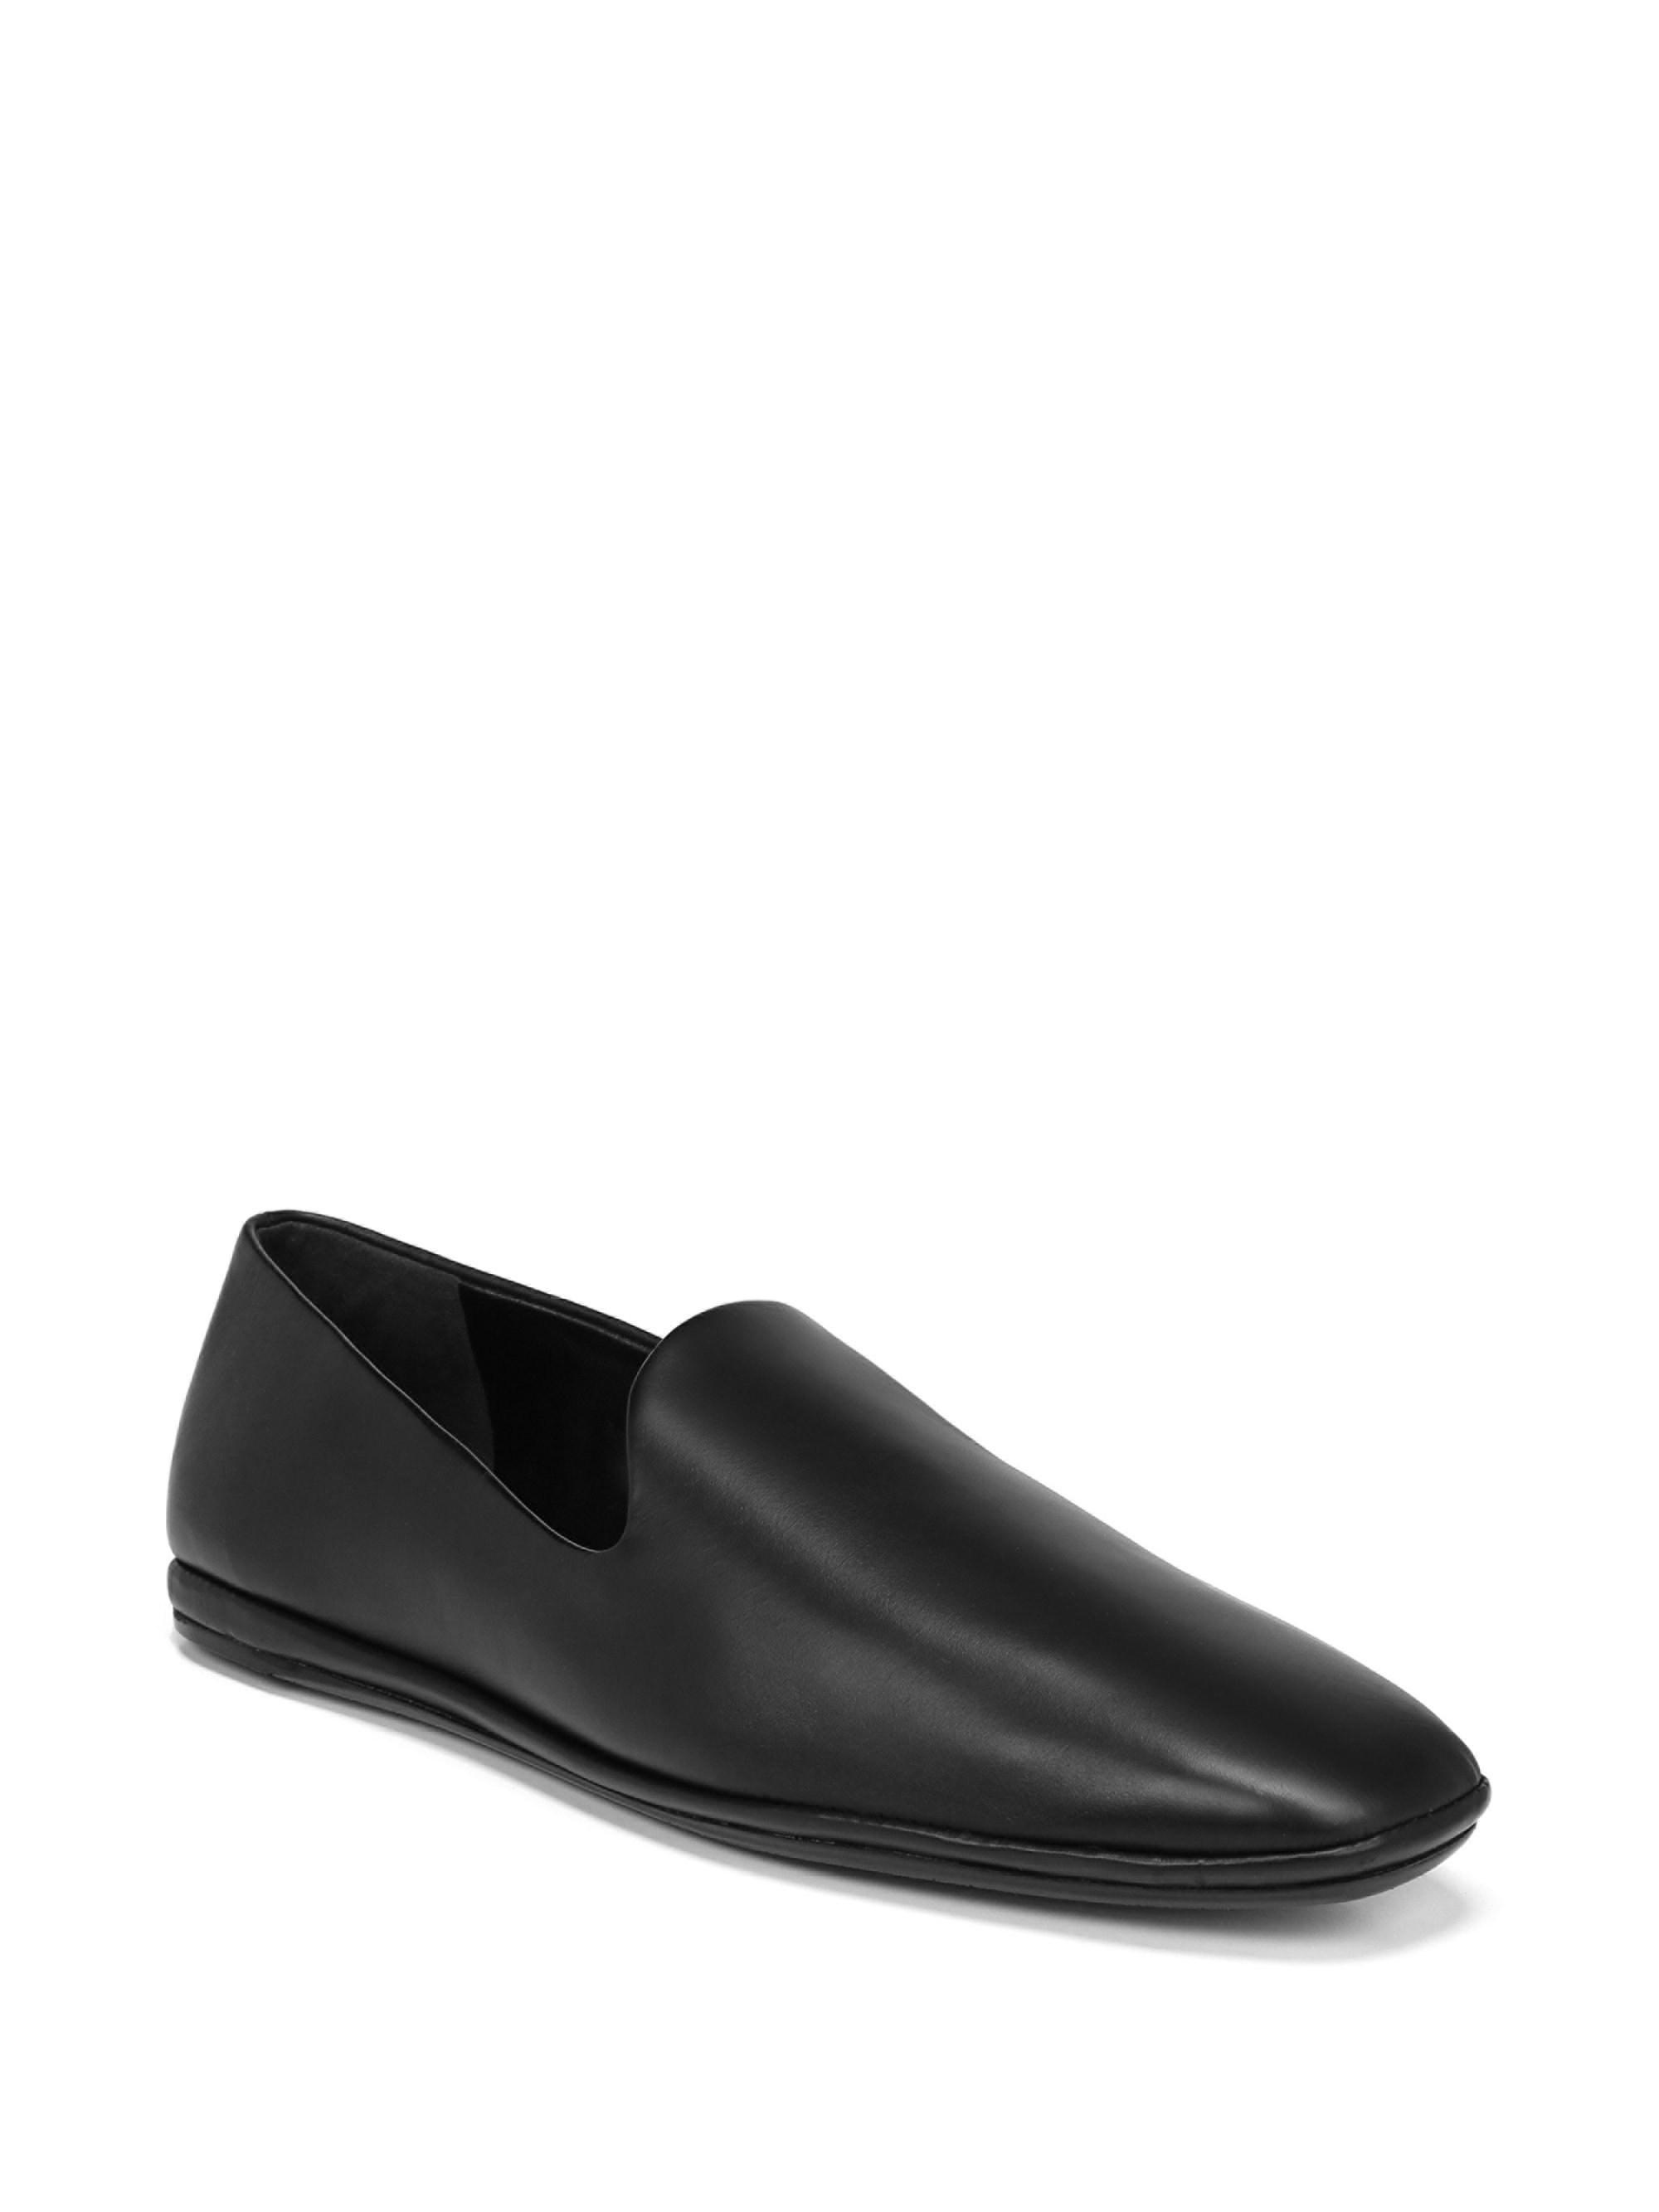 Vince Paz Leather Loafers sXnKV